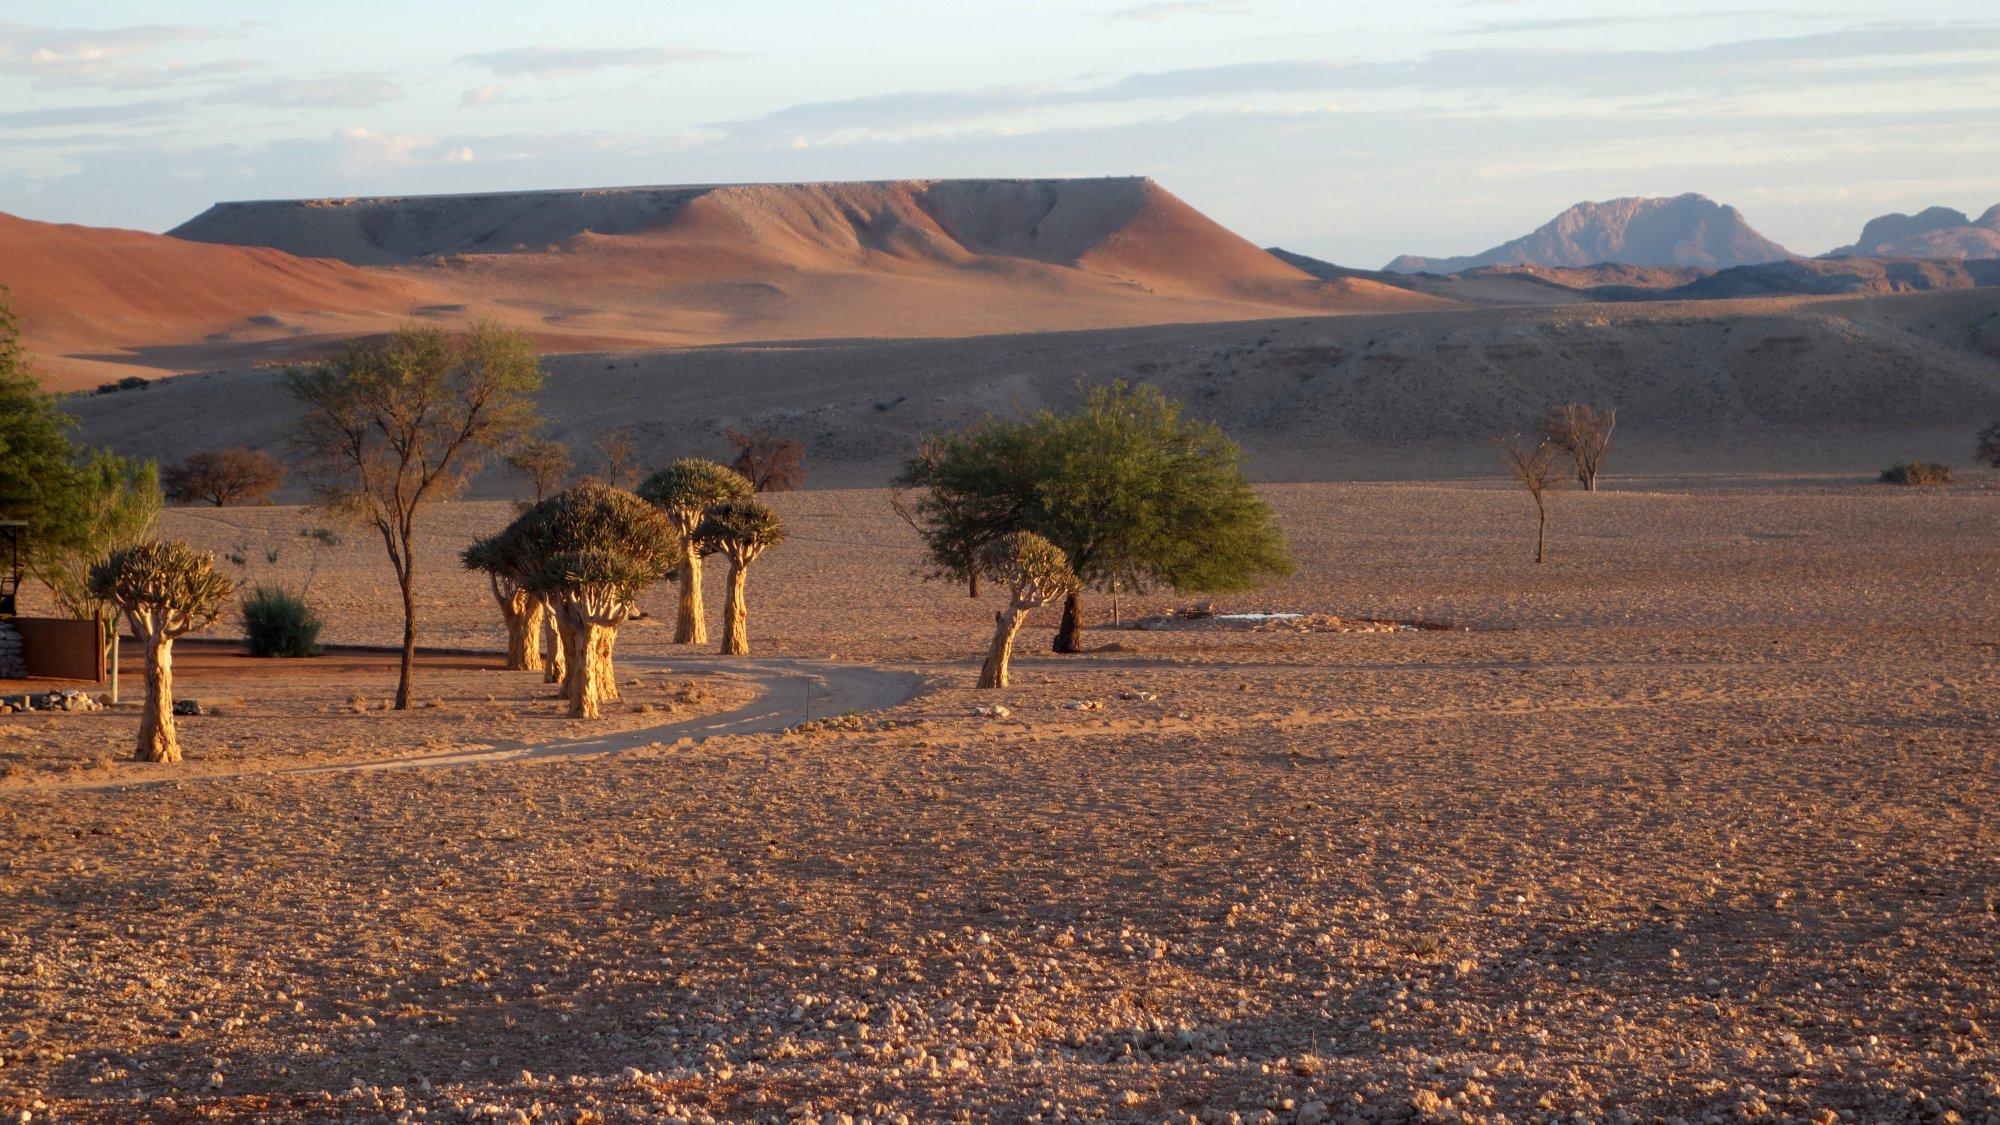 Faszinierende Landschaft im Norden Namibias